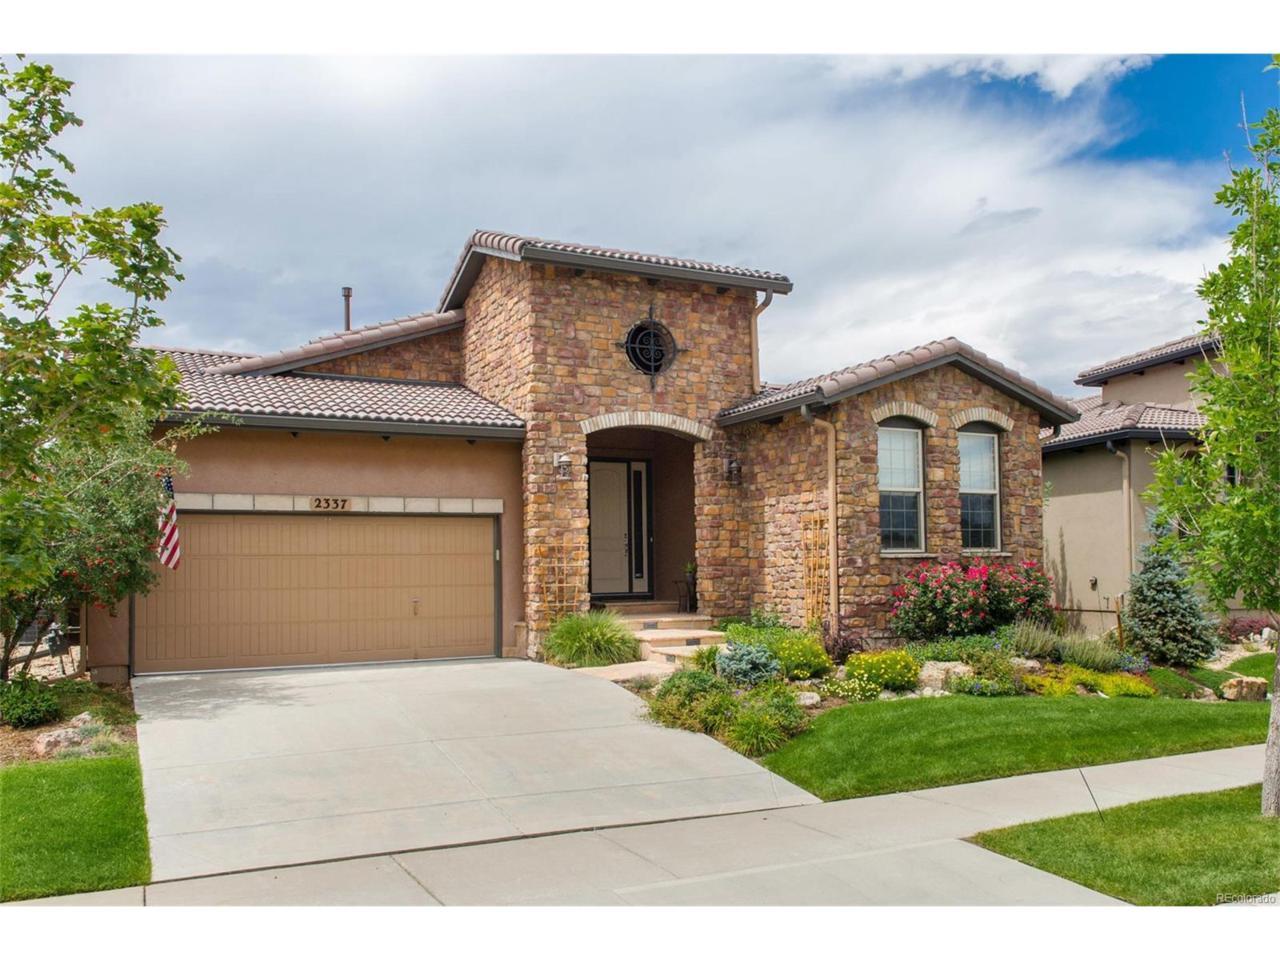 2337 S Juniper Way, Lakewood, CO 80228 (MLS #7705381) :: 8z Real Estate